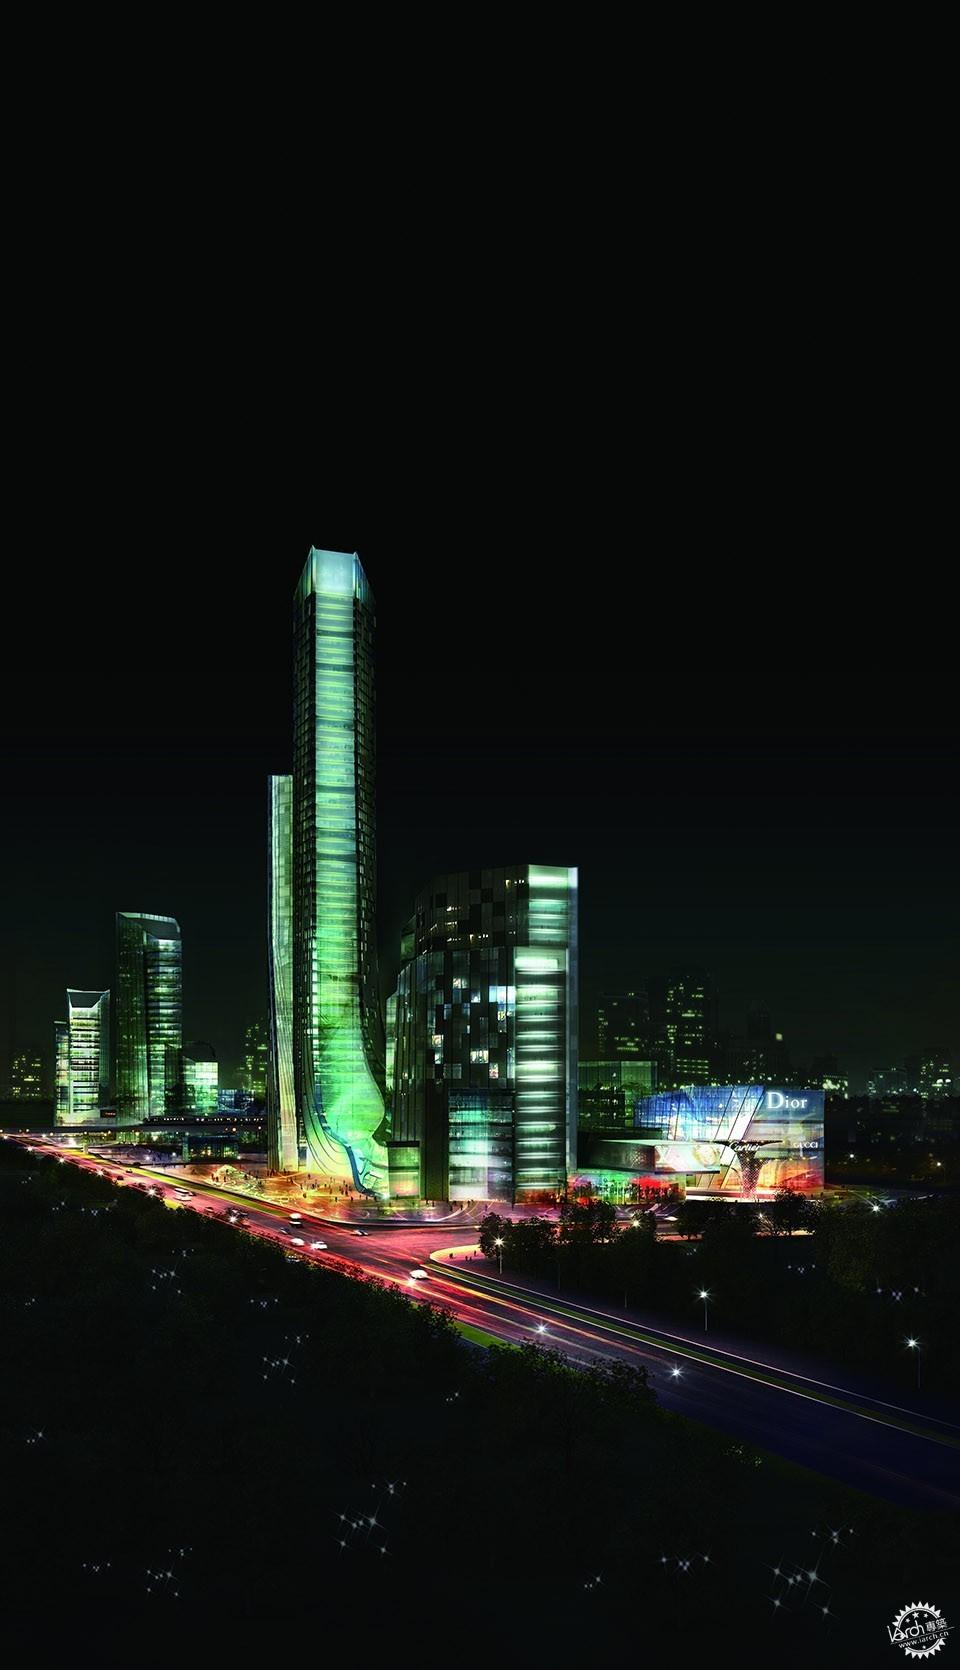 (北京/重庆)uca优思建筑 - 建筑设计师 / 产品设计师